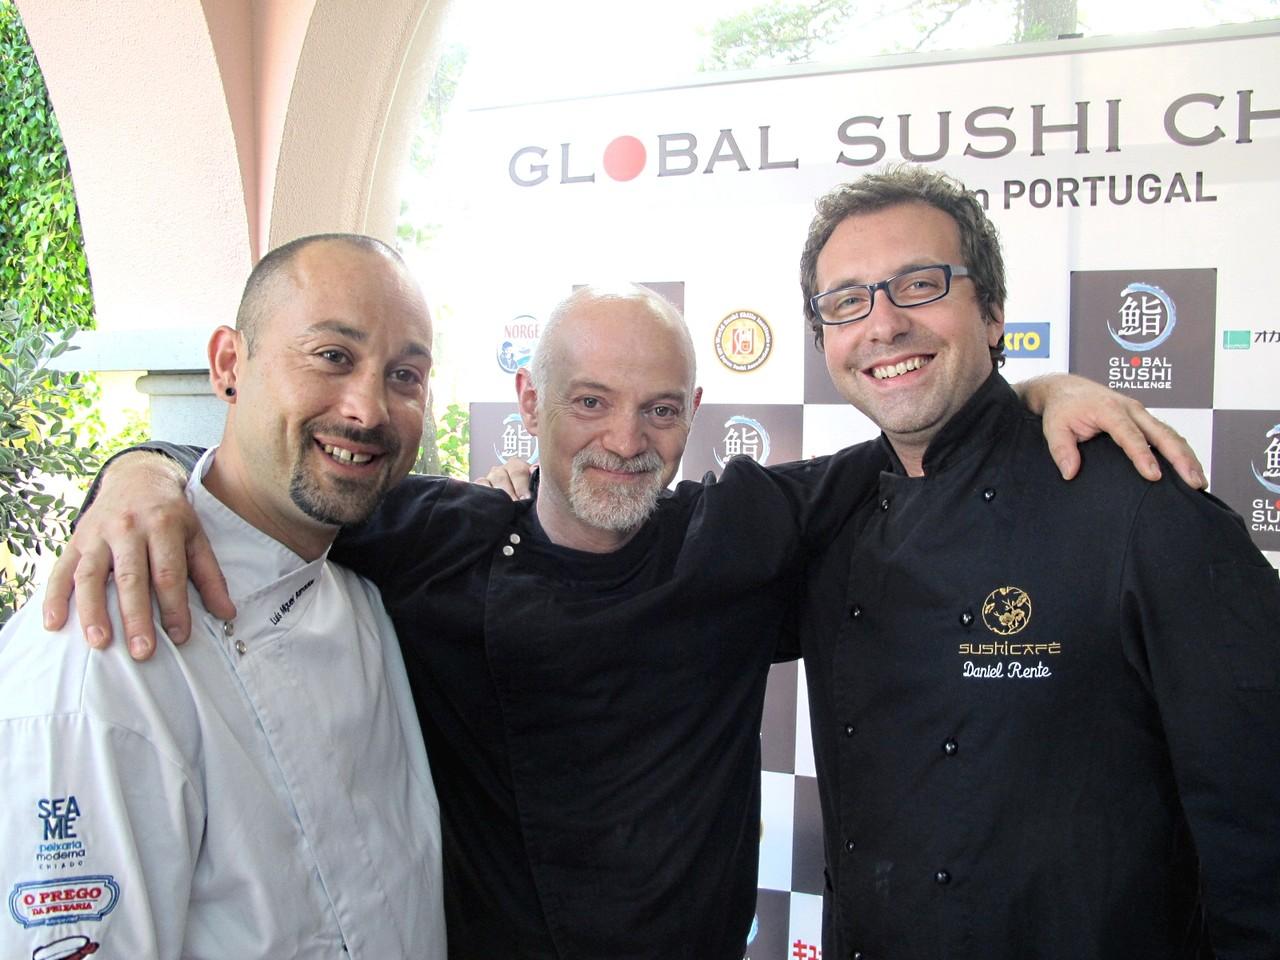 Luís Barradas, Paulo Morais, Daniel Rente